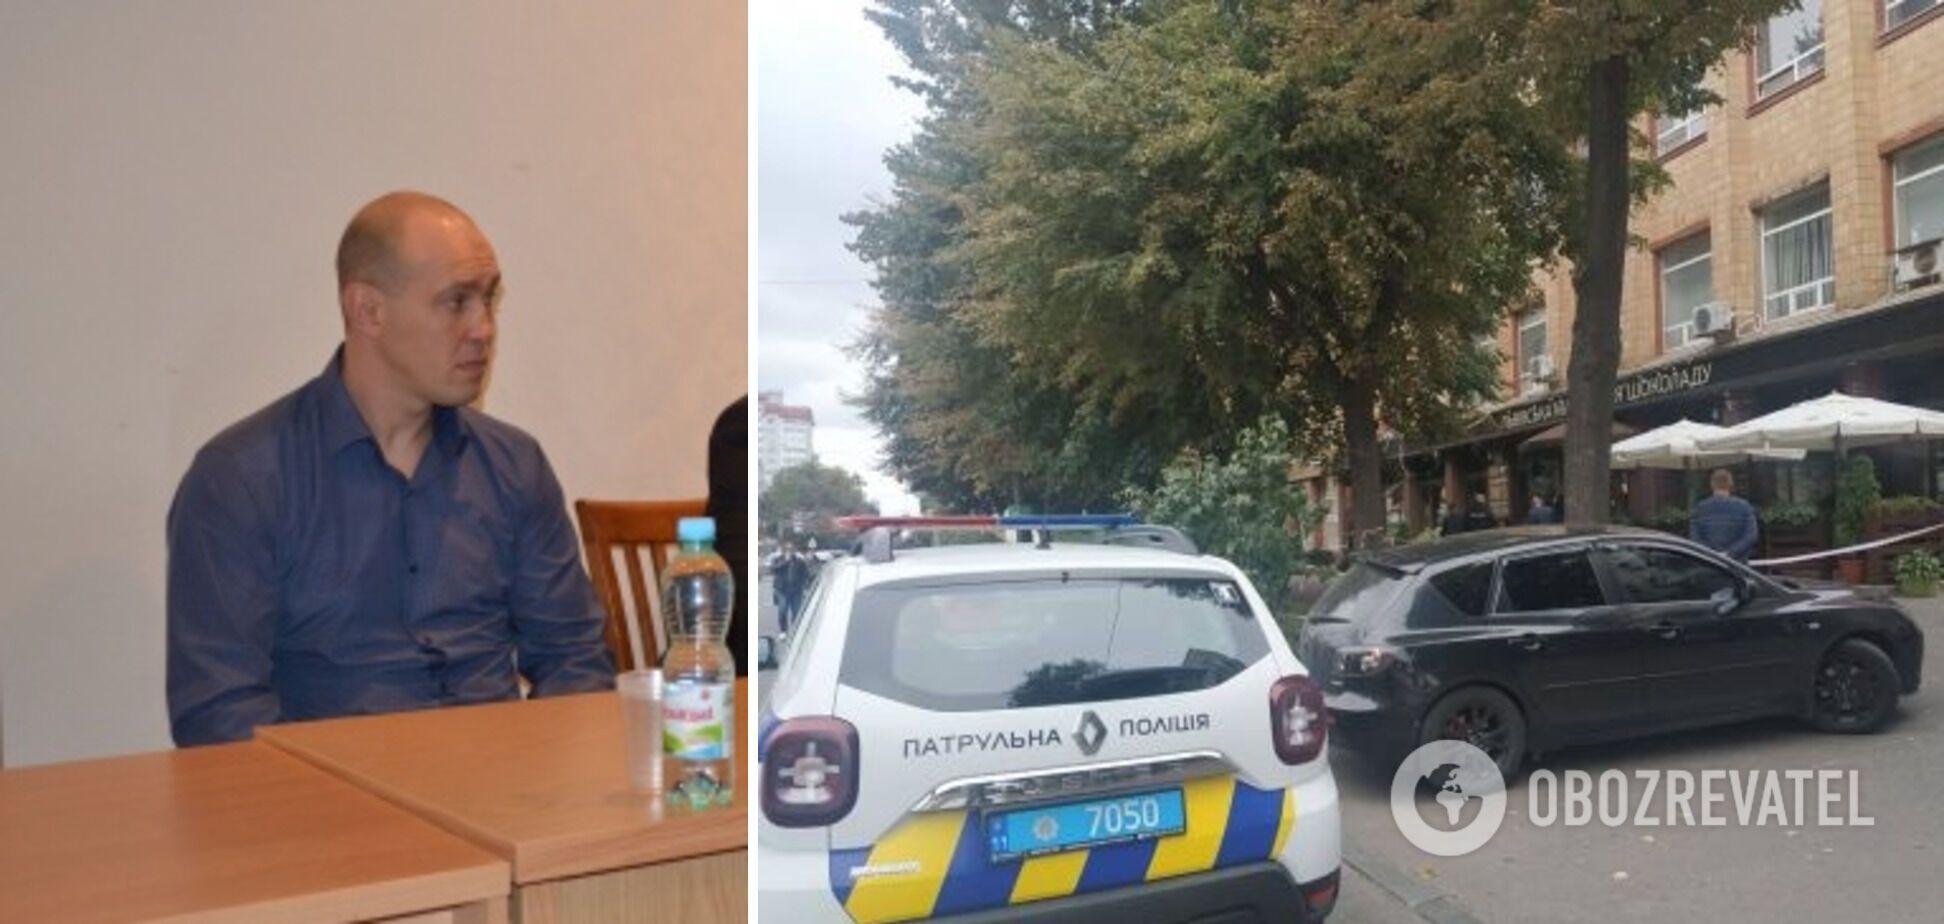 Михаила Козлова застрелили